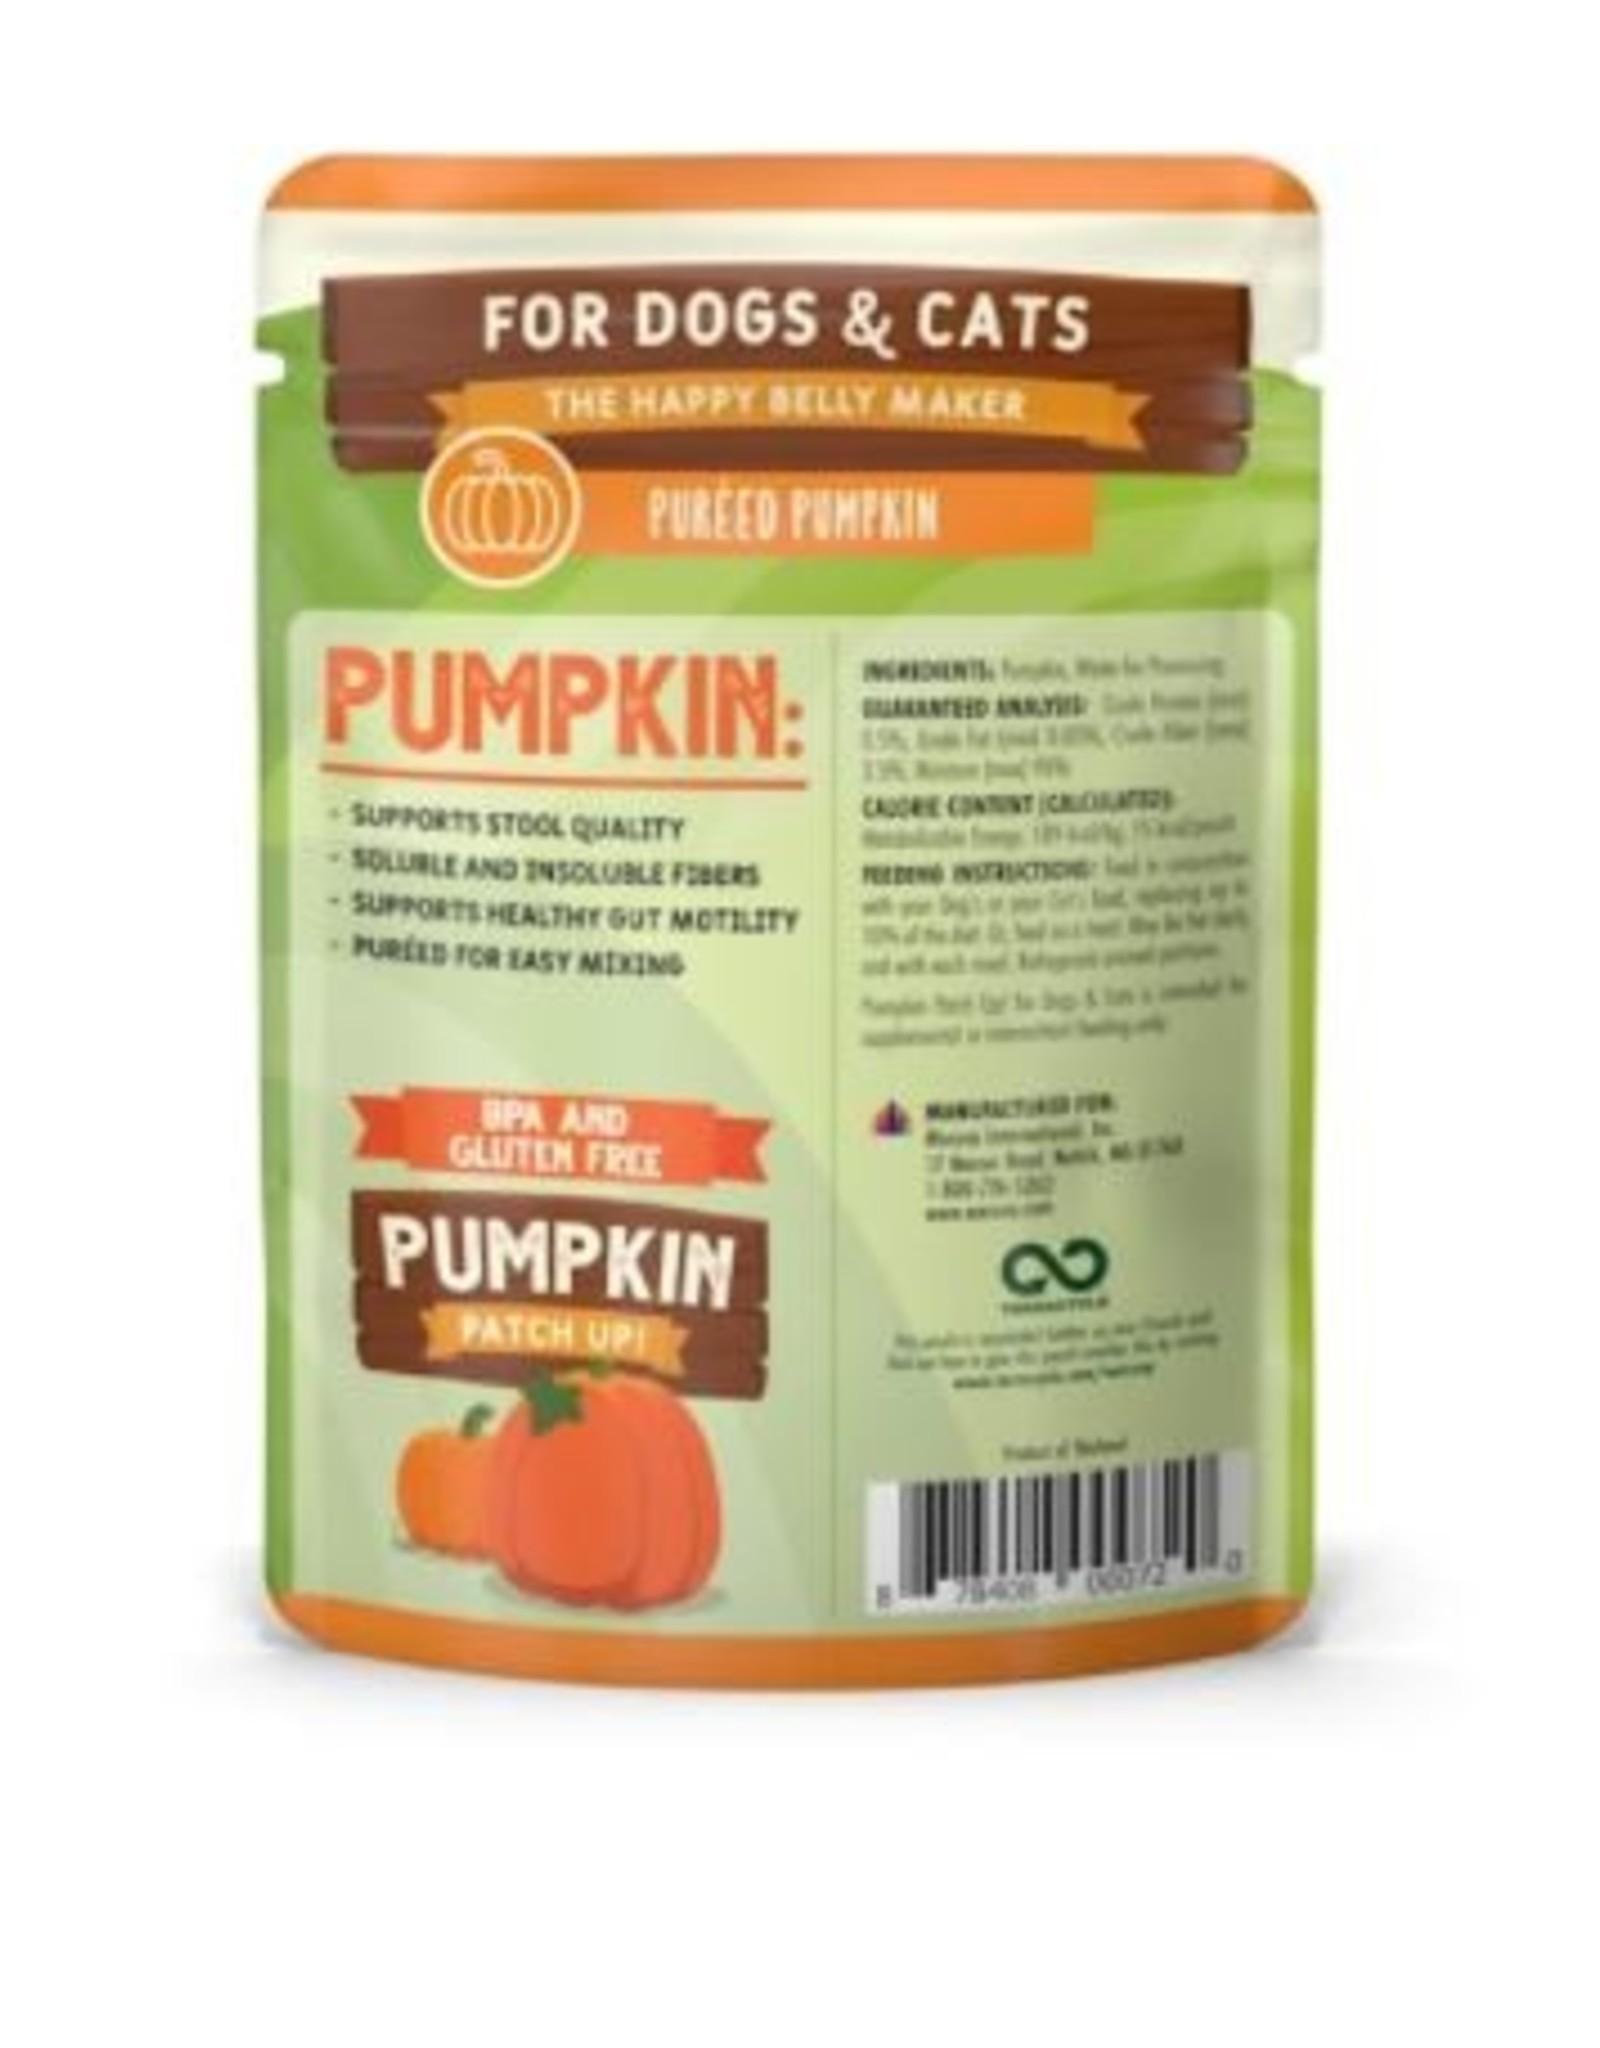 Pumpkin Patch Up 2.8oz